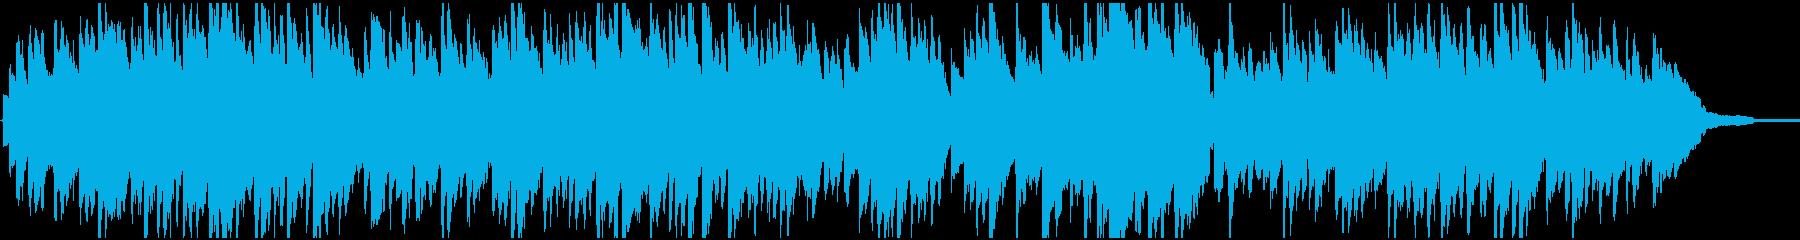 穏やかでゆっくりとしたサウンドの再生済みの波形